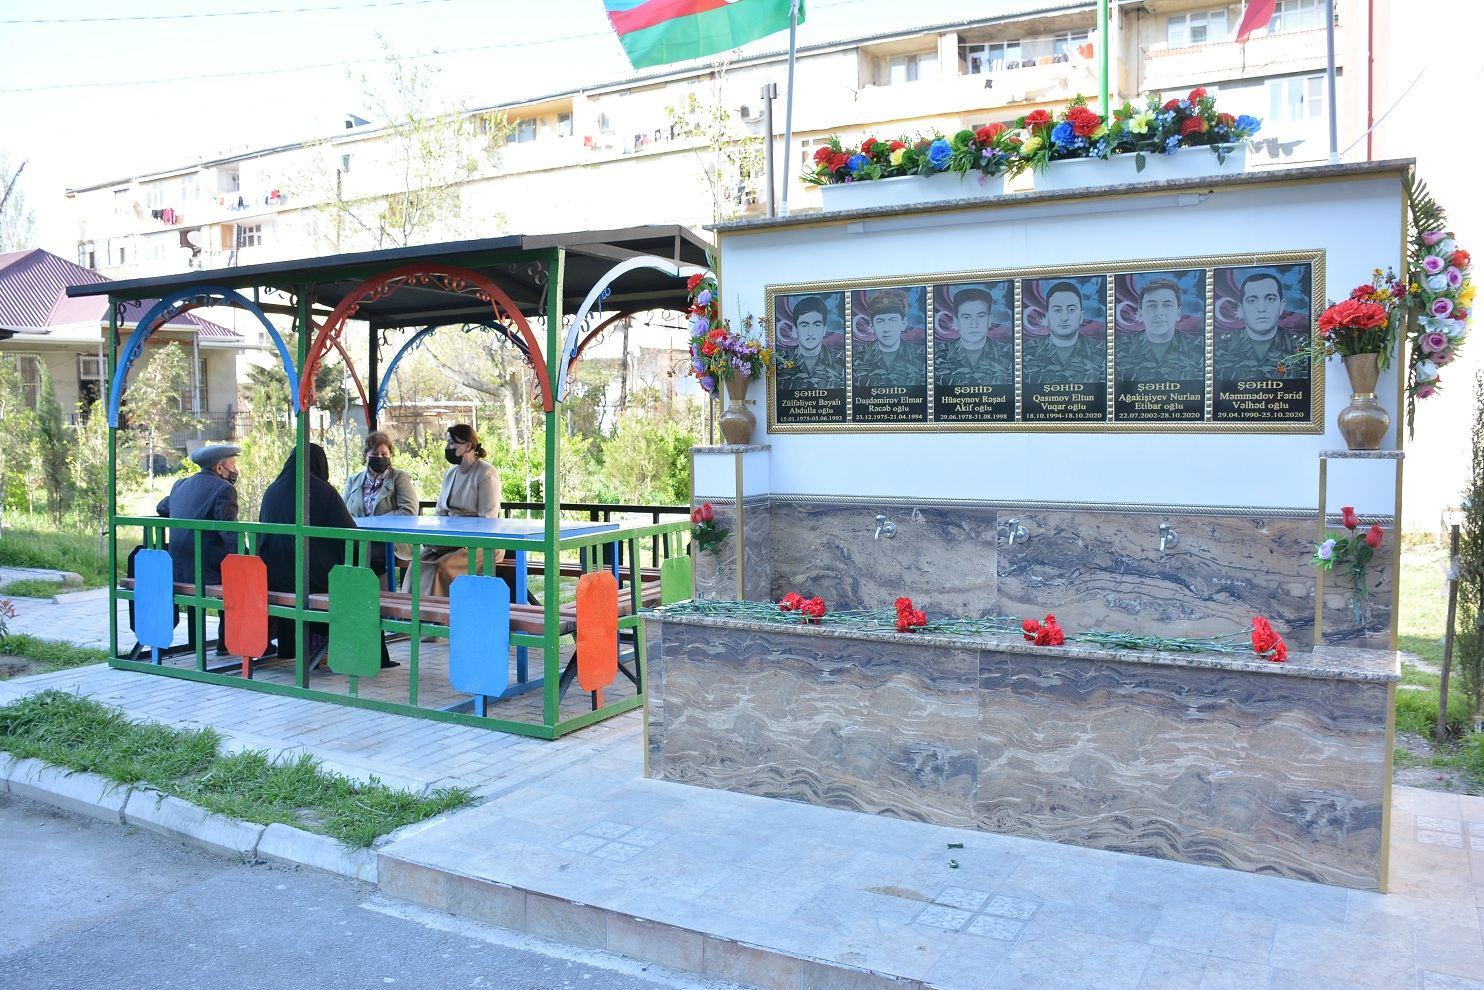 Xırdalanda 6 şəhidin xatirəsinə bulaq kompleksi tikilib (FOTO) - Gallery Image